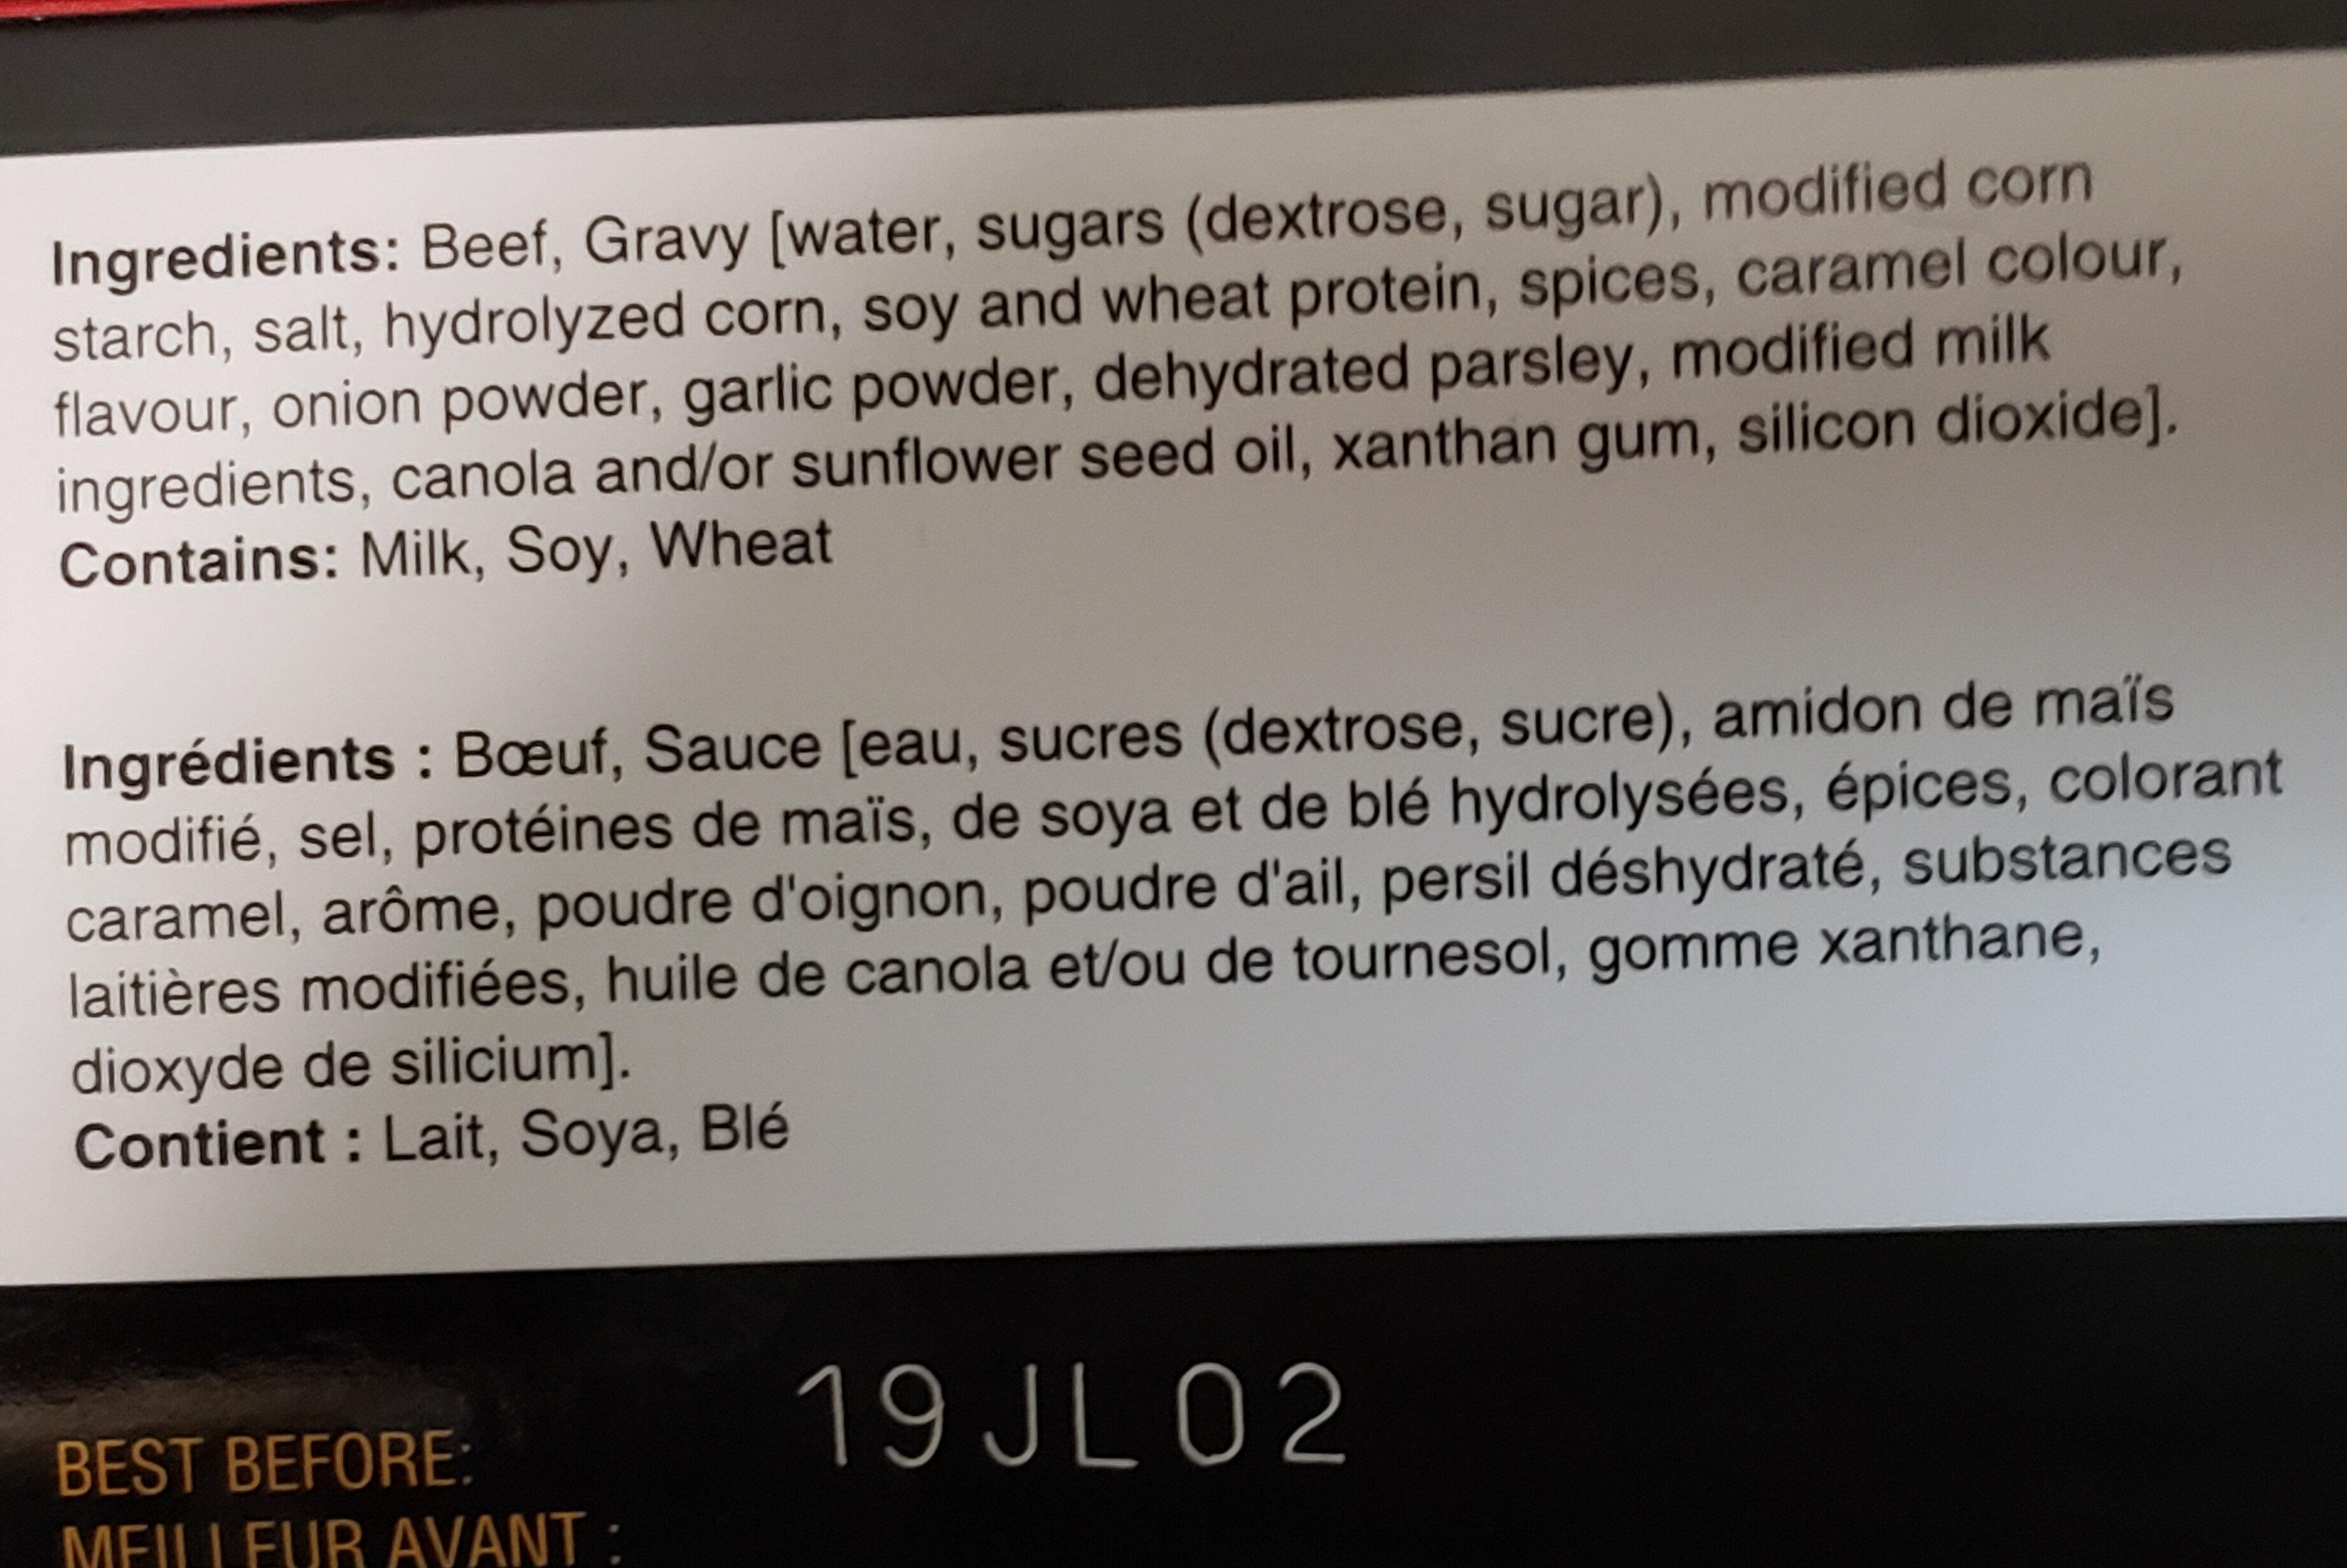 Rôti de bœuf braisé - Ingredients